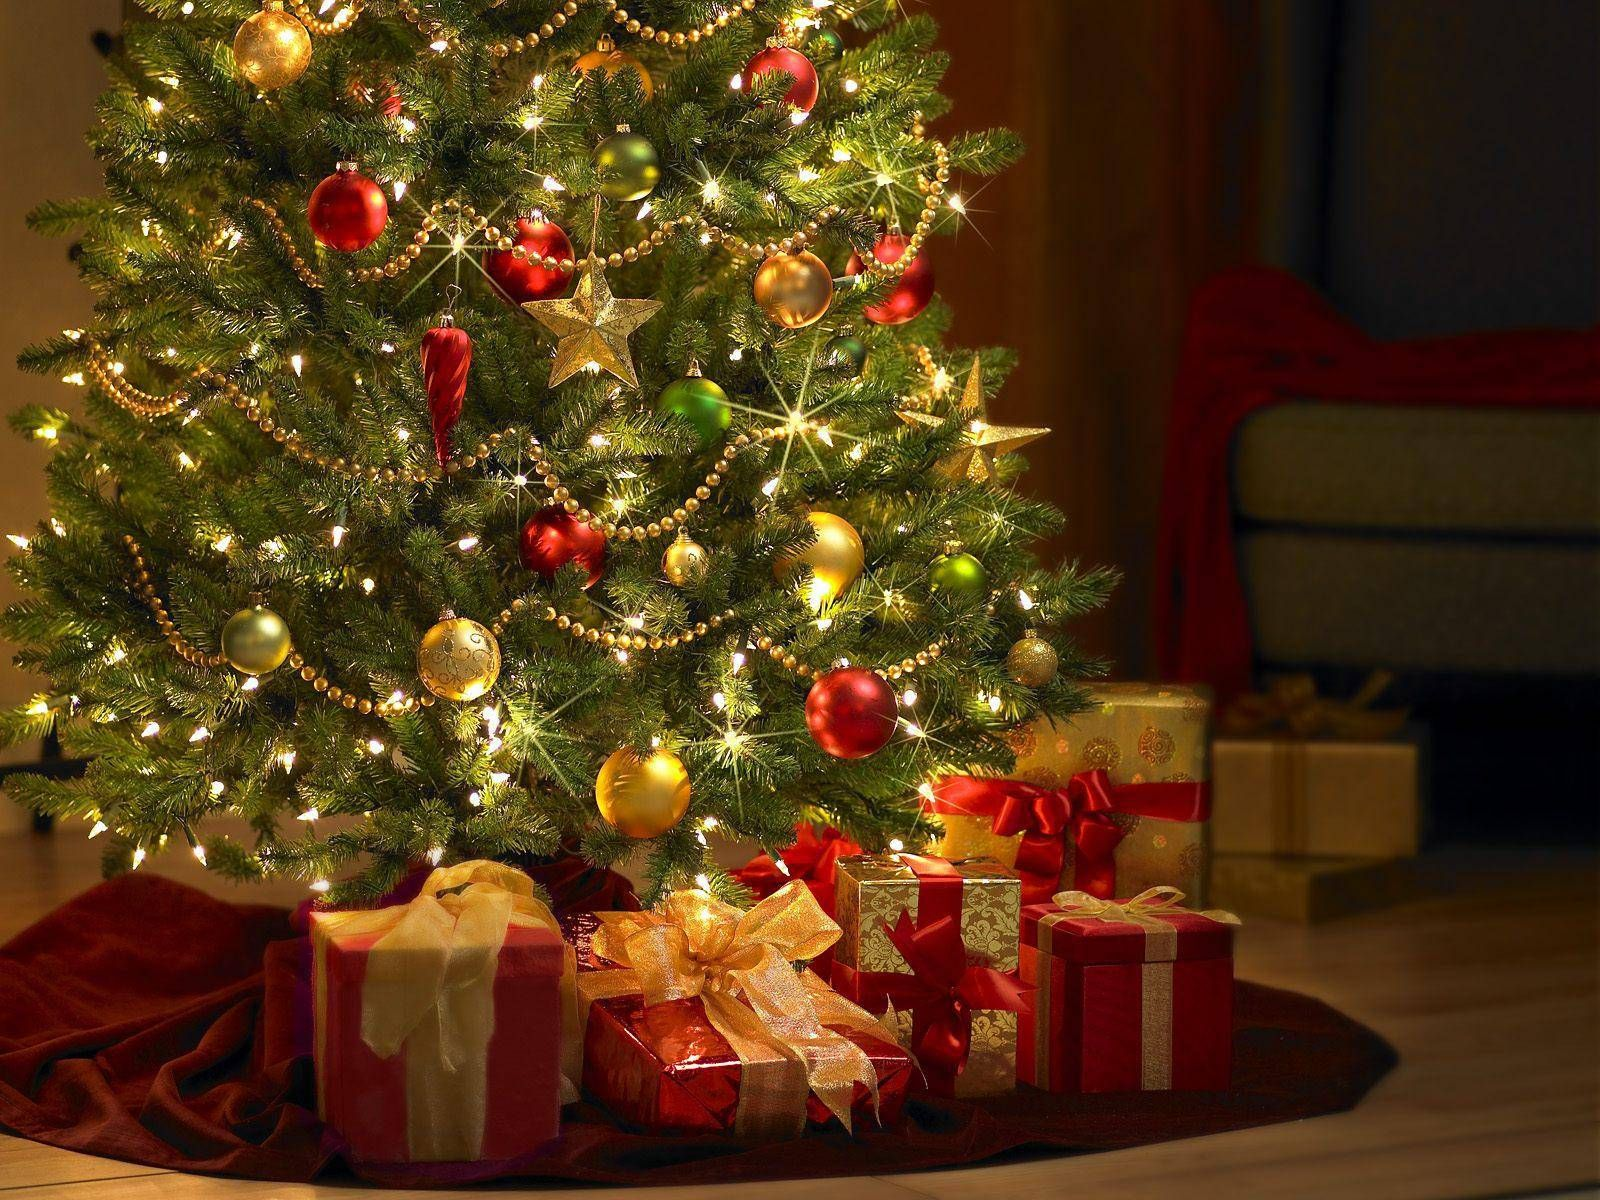 Como Enfeitar Arvore De Natal Dicas Como Montar Sem Gastar Muito